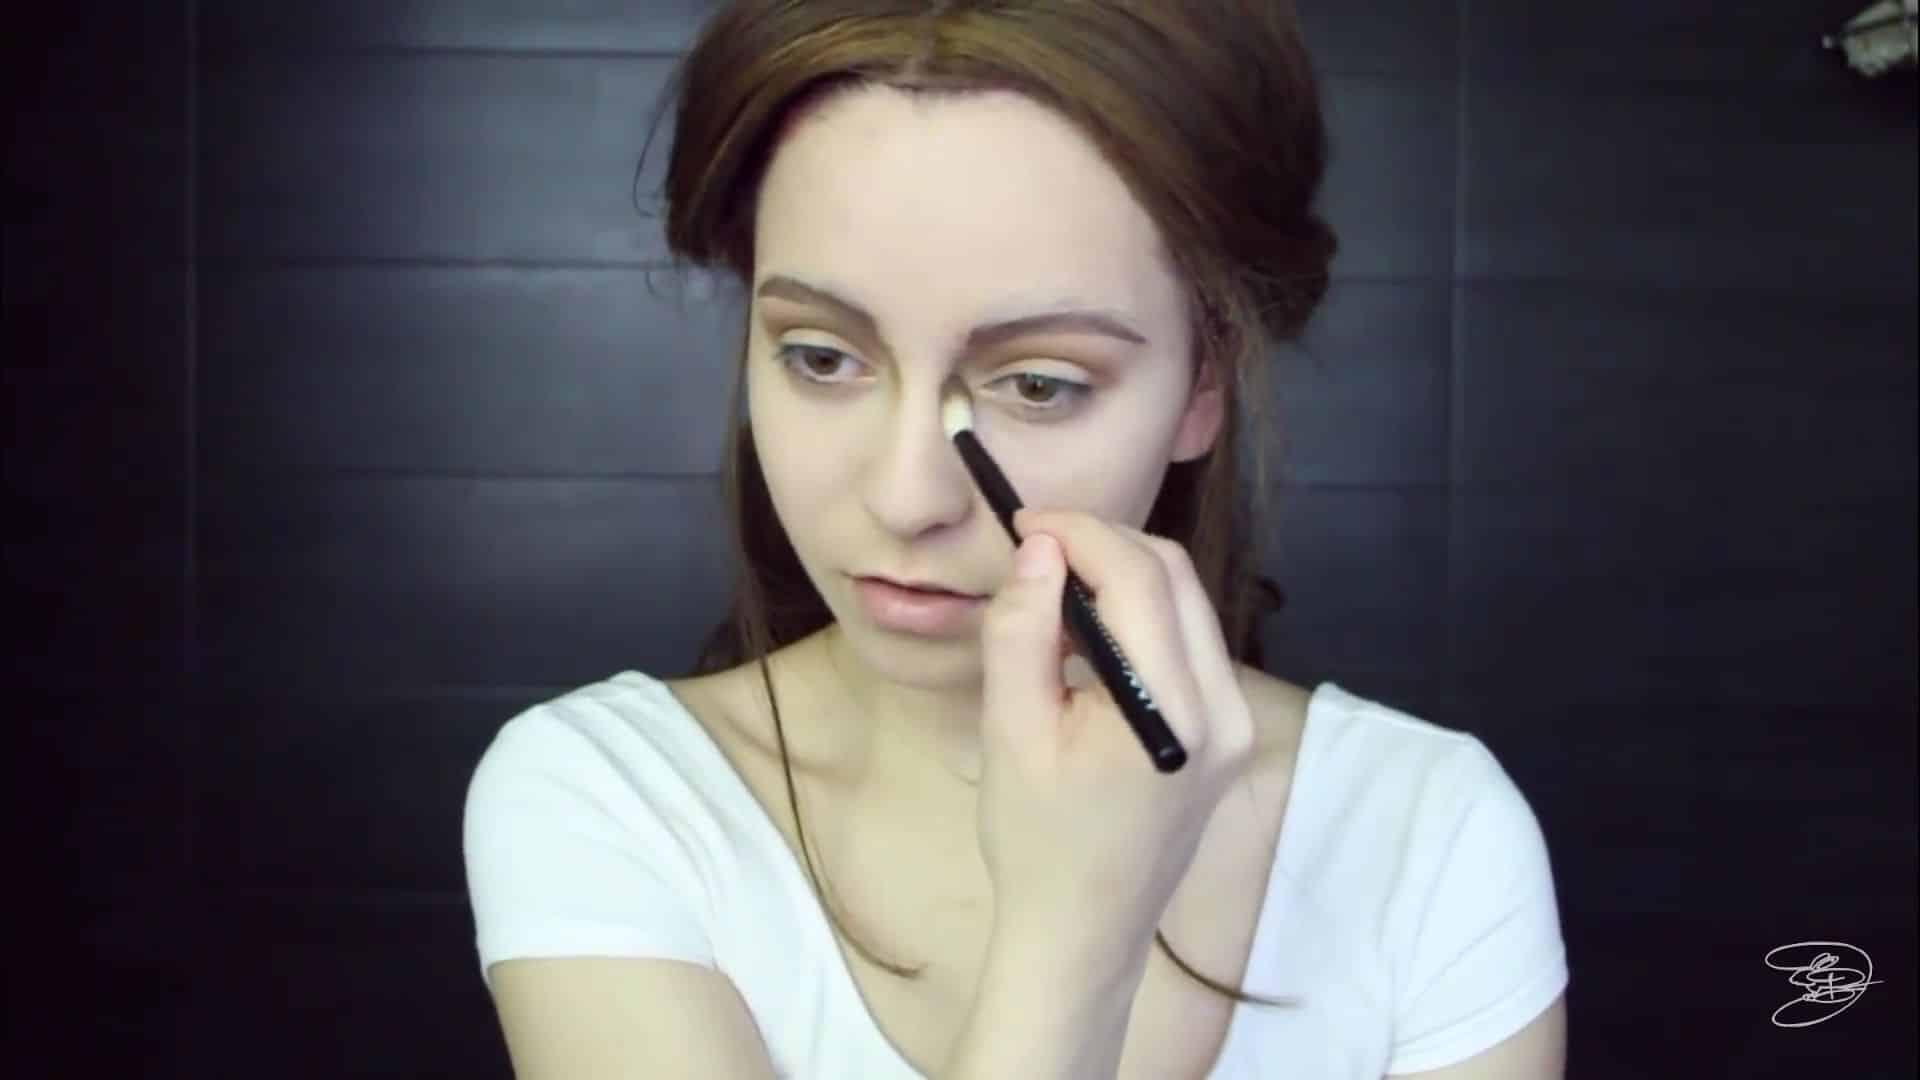 Maquíllate como la princesa la Bella de Emma Watson Jbunzie 2020, sombreado de la nariz.